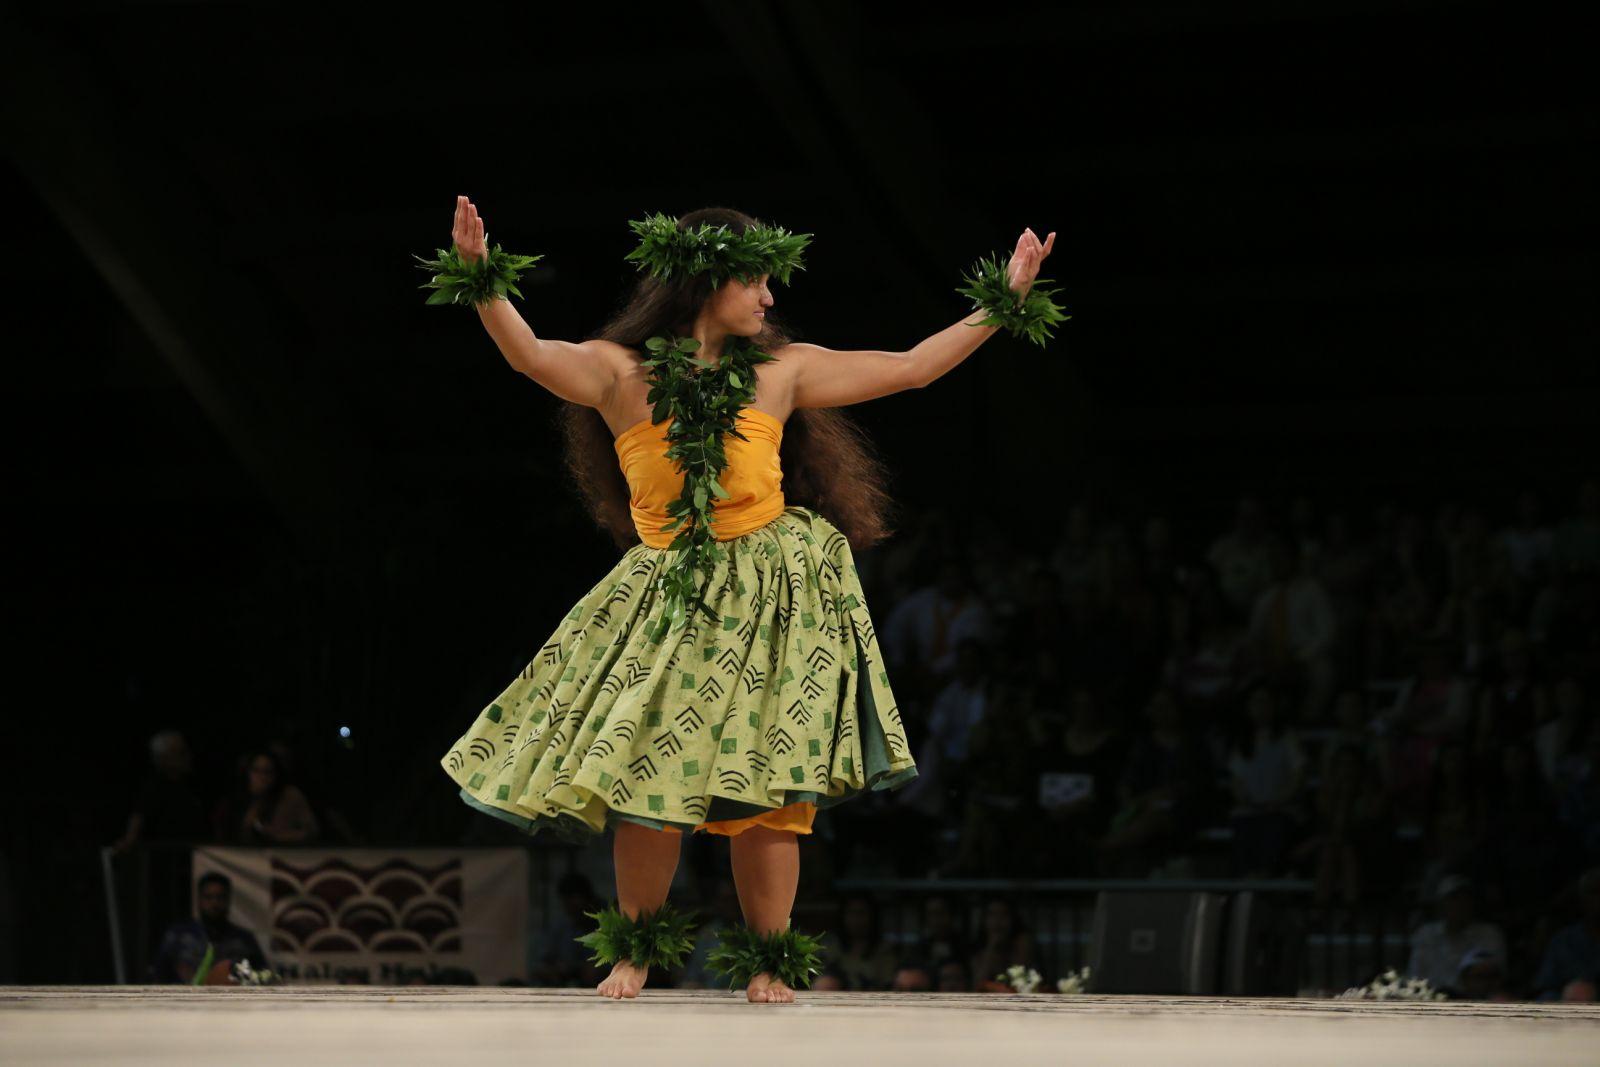 3rd Place – Chelei Kameleonālani Kahalewai